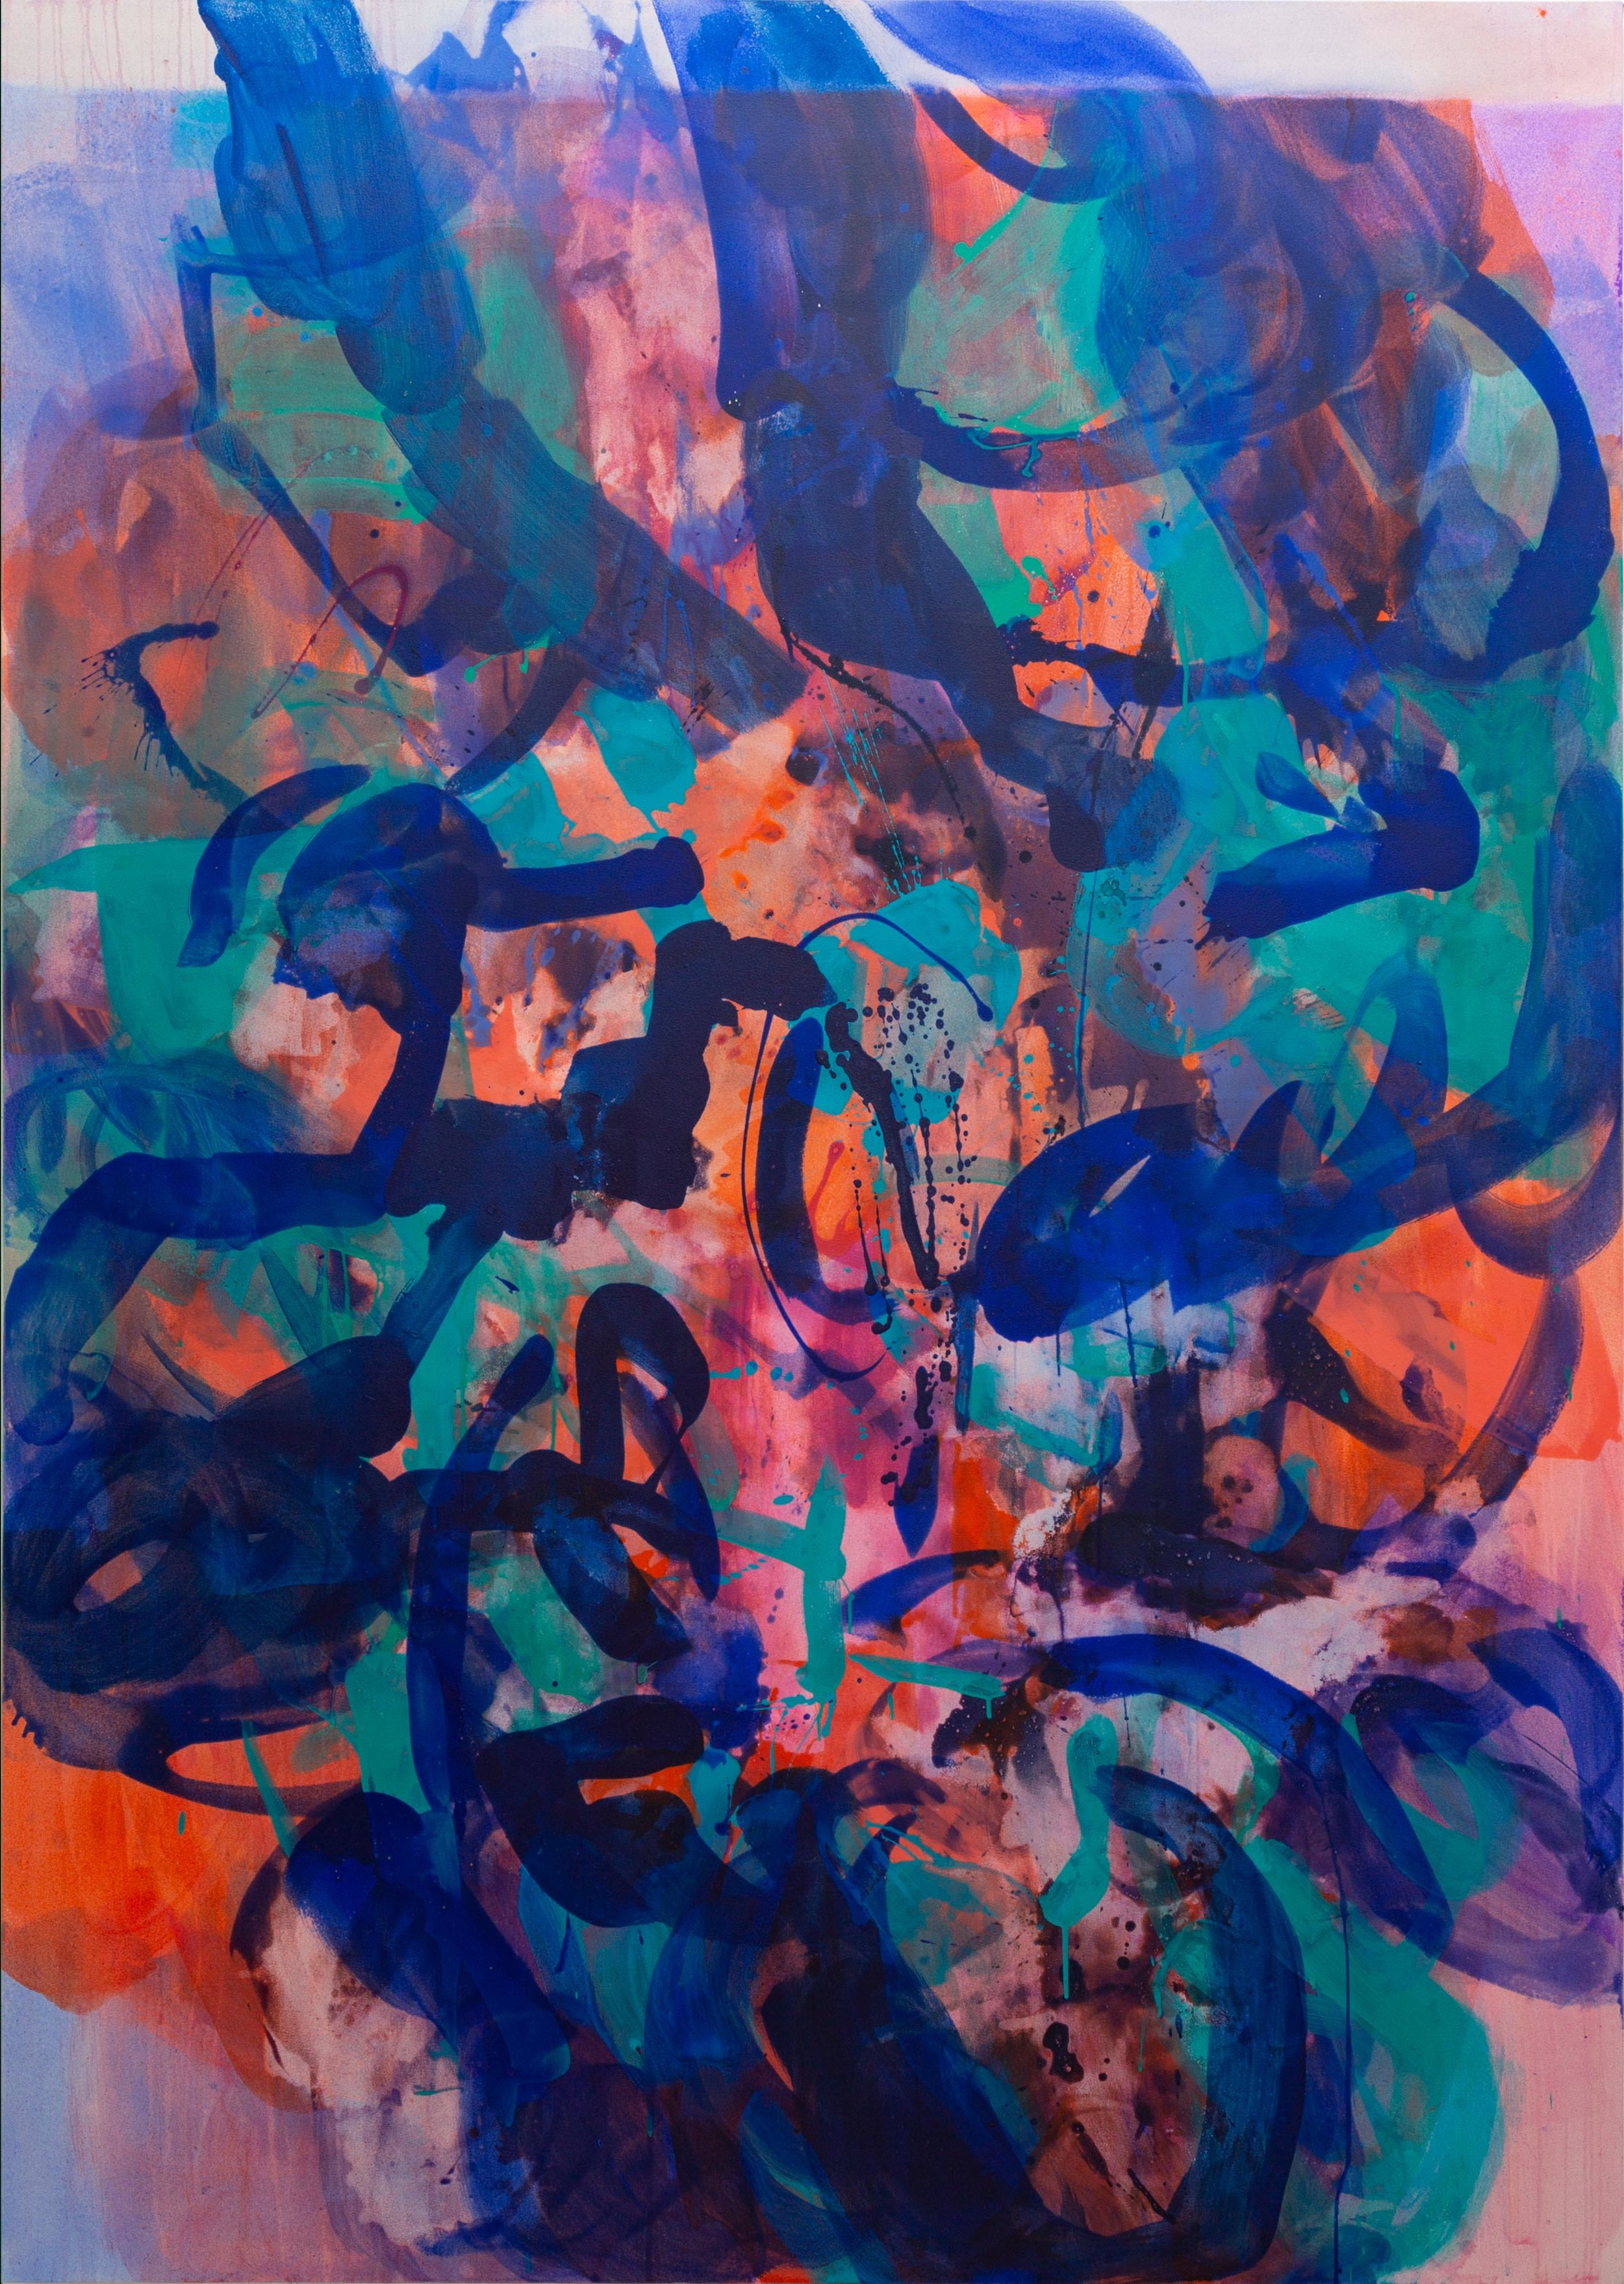 Distemper III  2018-2019  distemper on canvas  213 x 152.5 cm